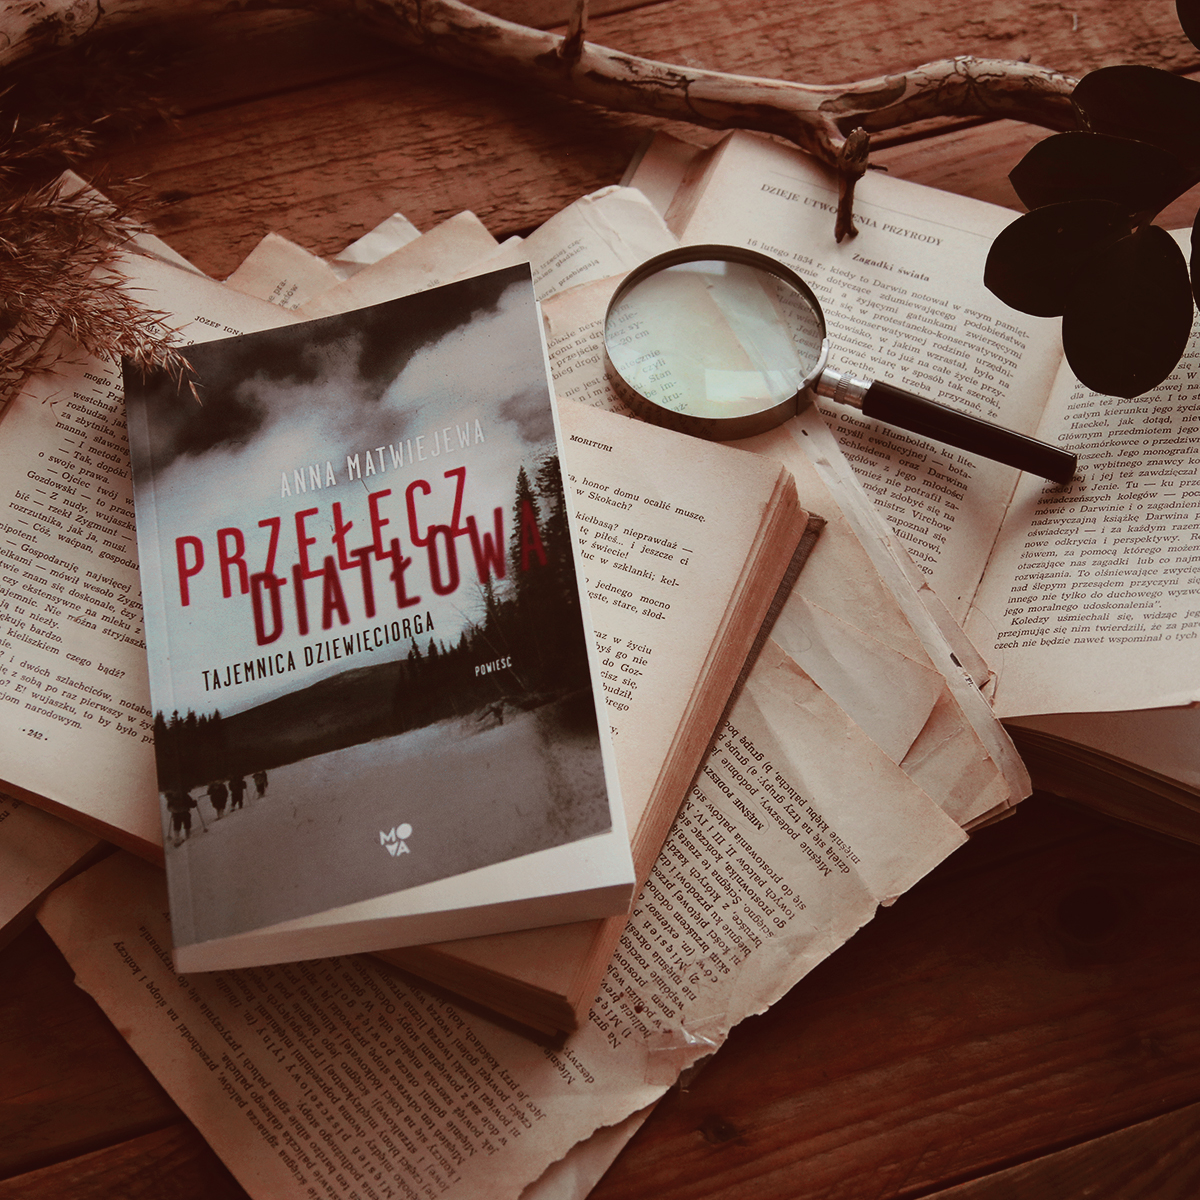 #162 Przełęcz Diatłowa. Tajemnica Dziewięciorga - Anna Matwiejewa